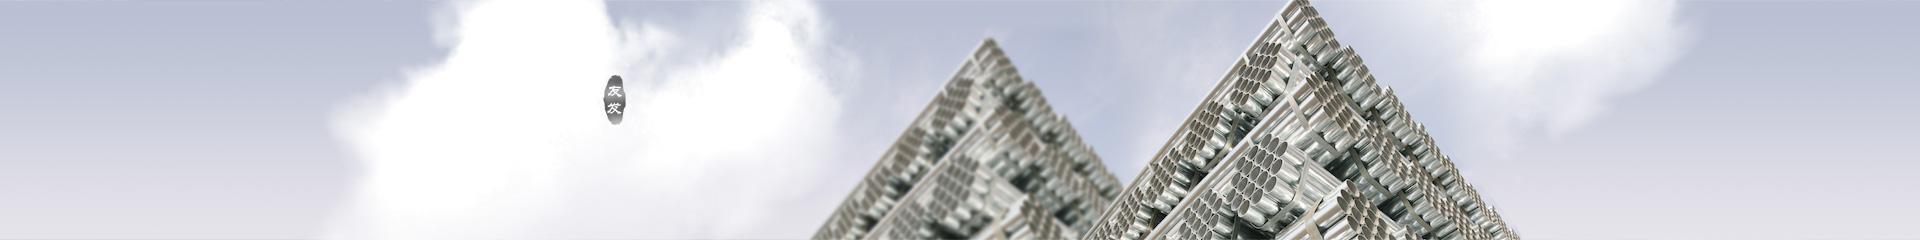 友发钢管集团——连续12年位列中国企业500强